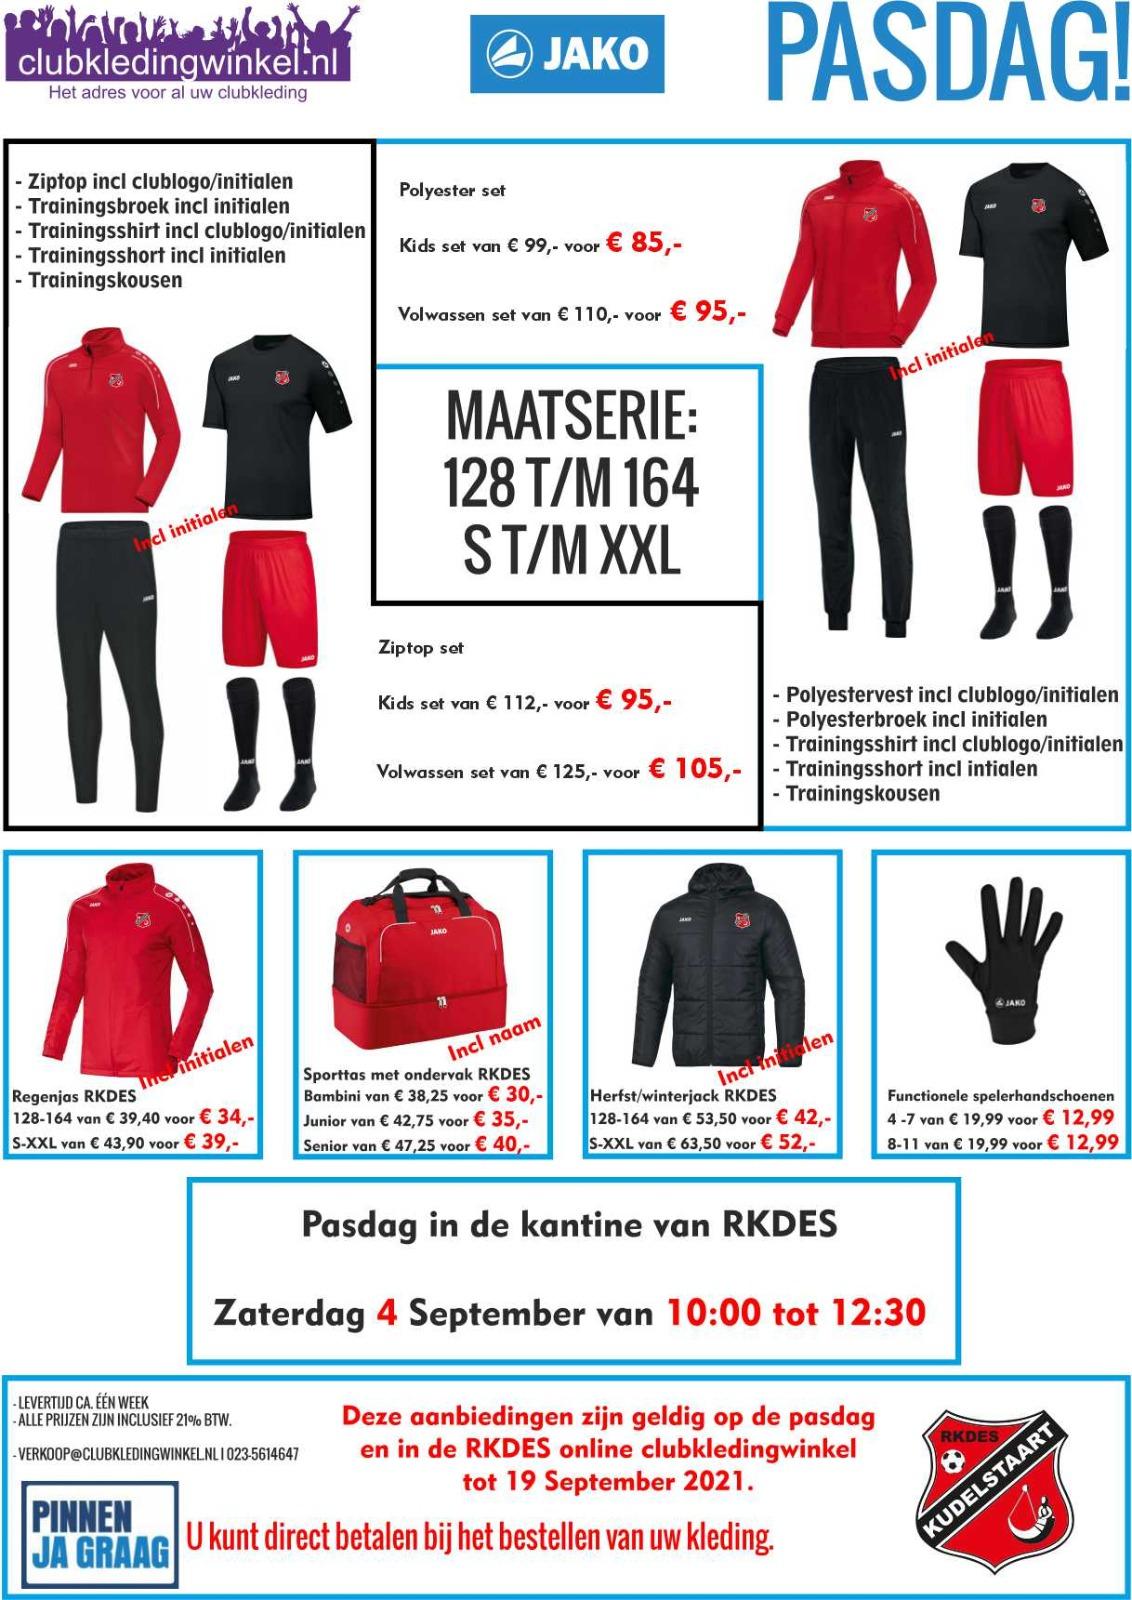 Aanbieding clubkledingwinkel en pasdag op 4 september